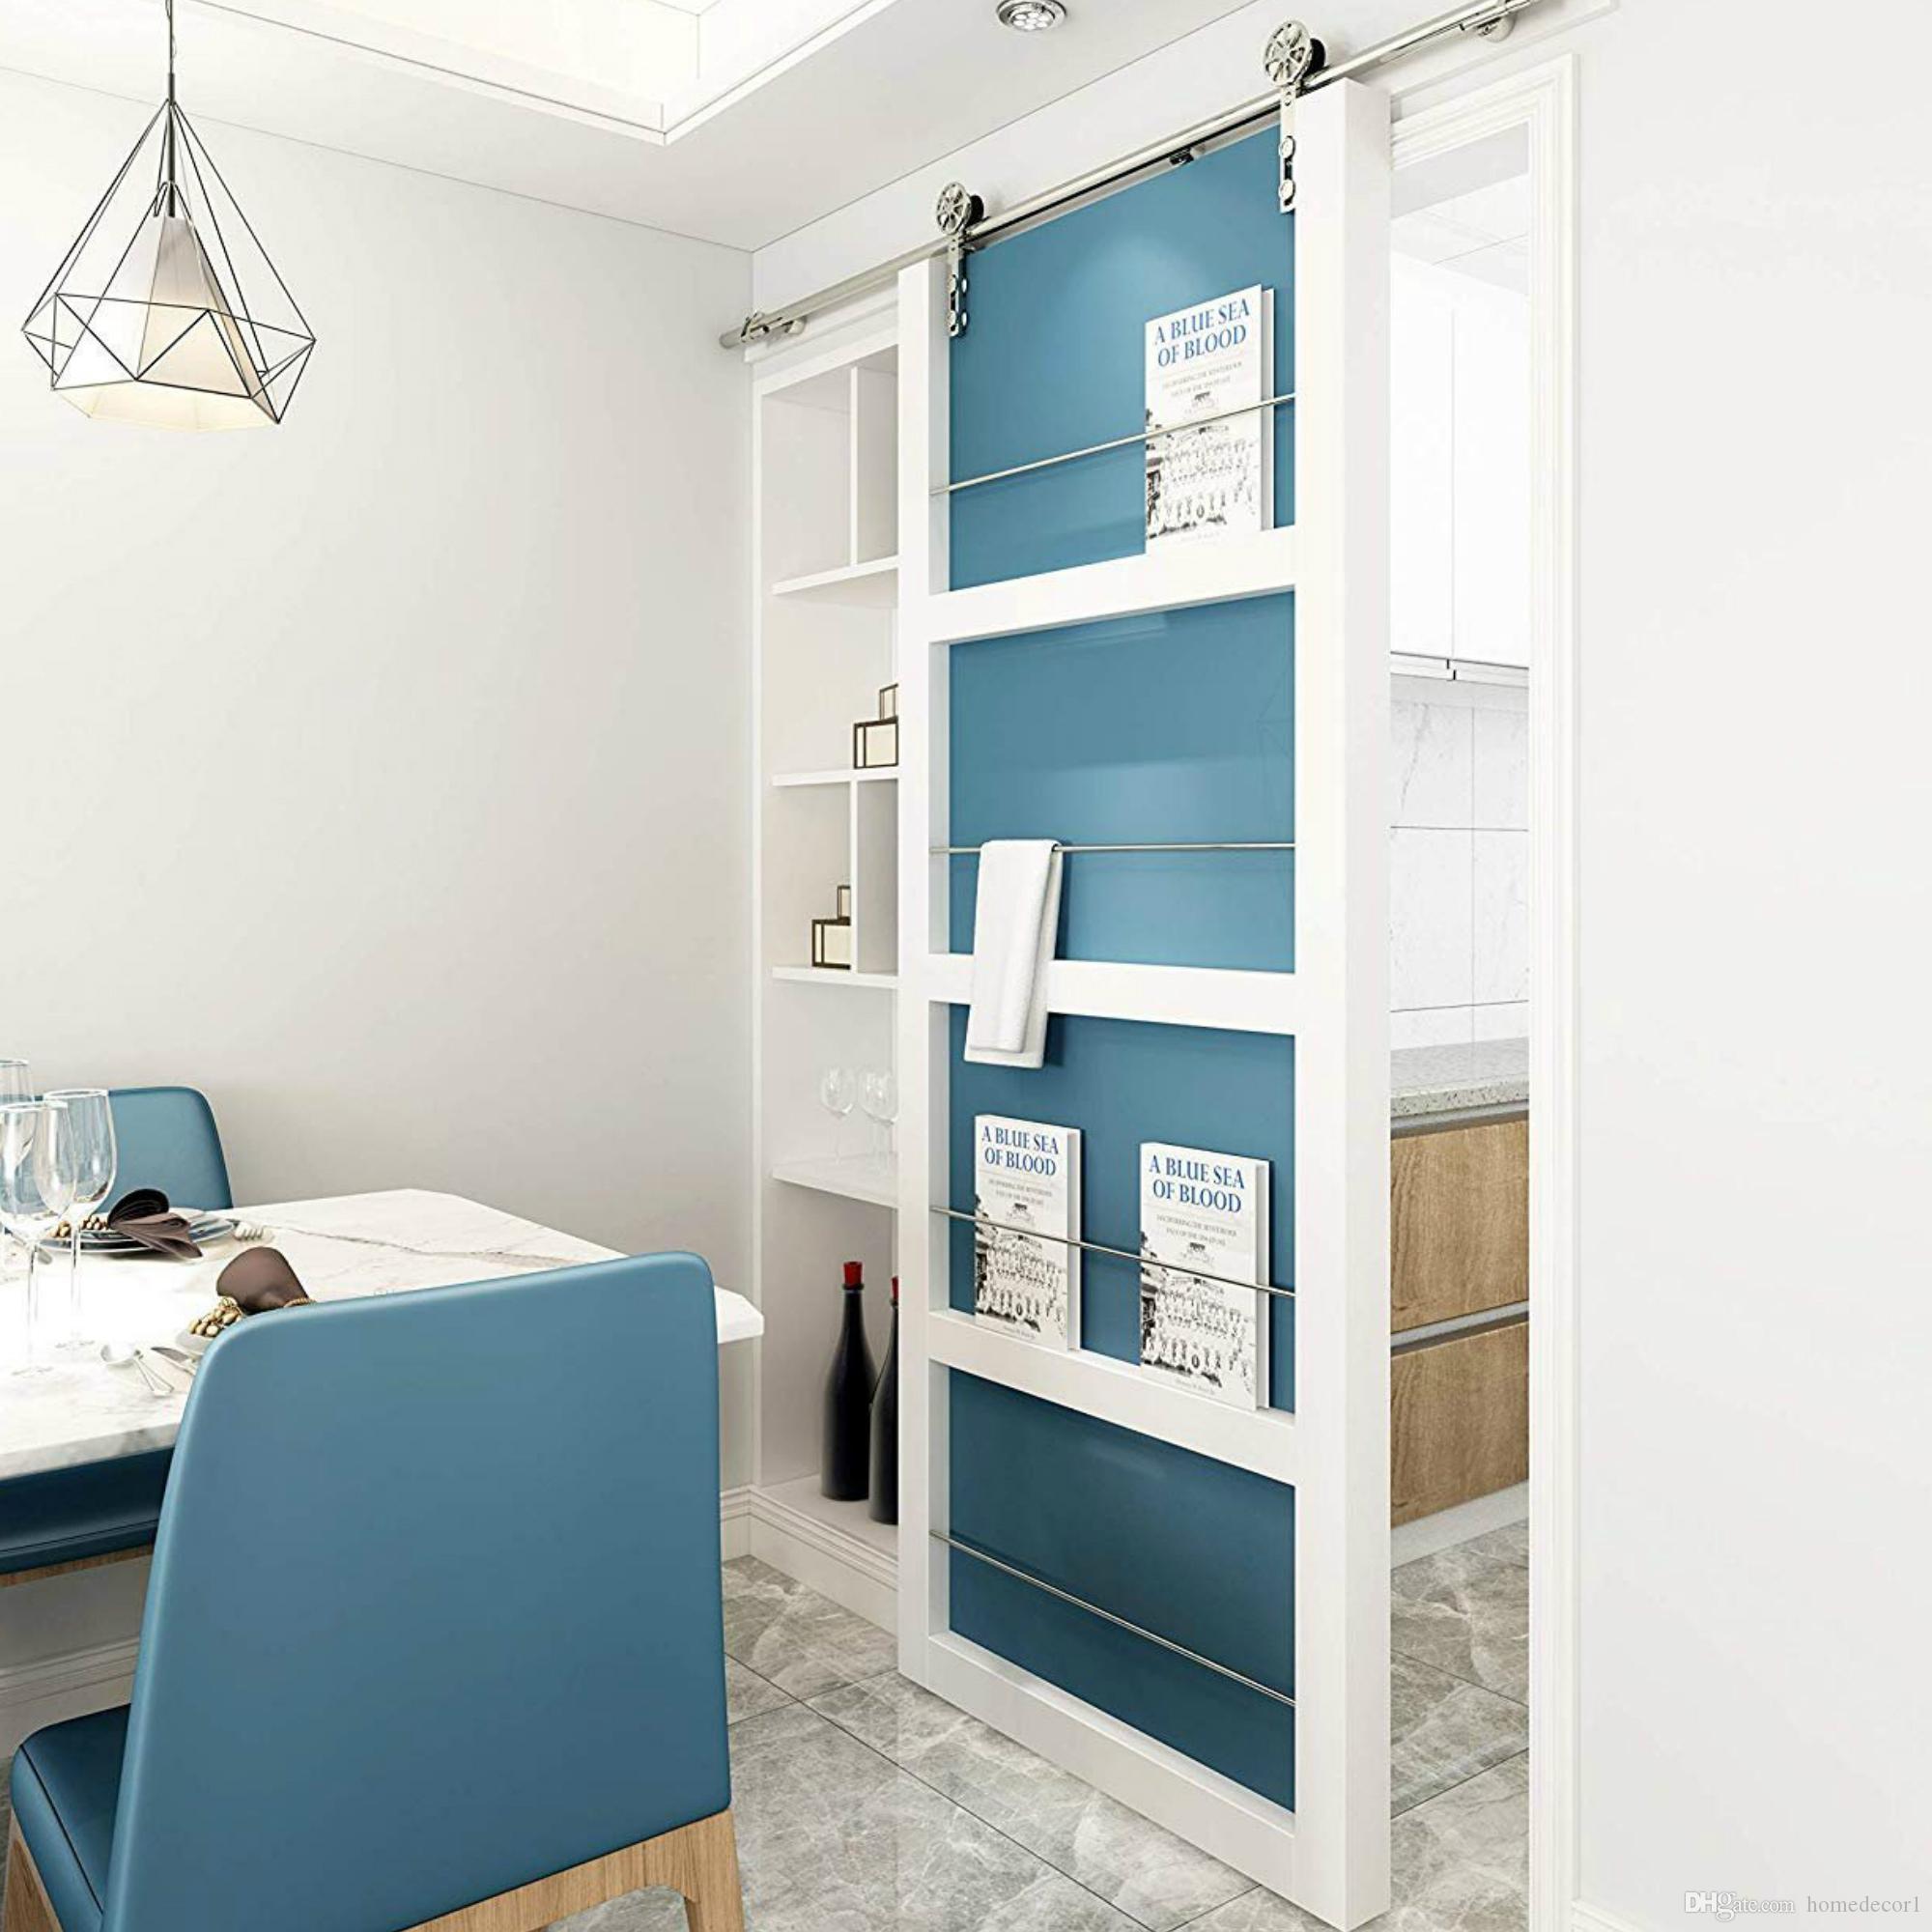 100 ٪ الصلبة الصلبة عقدة خشب الصنوبر انزلاق الباب لوحة لوحة الأبواب الخشبية الداخلية ، وعلى استعداد للرسم ، الأخدود غير مطلوب (لم تنته)